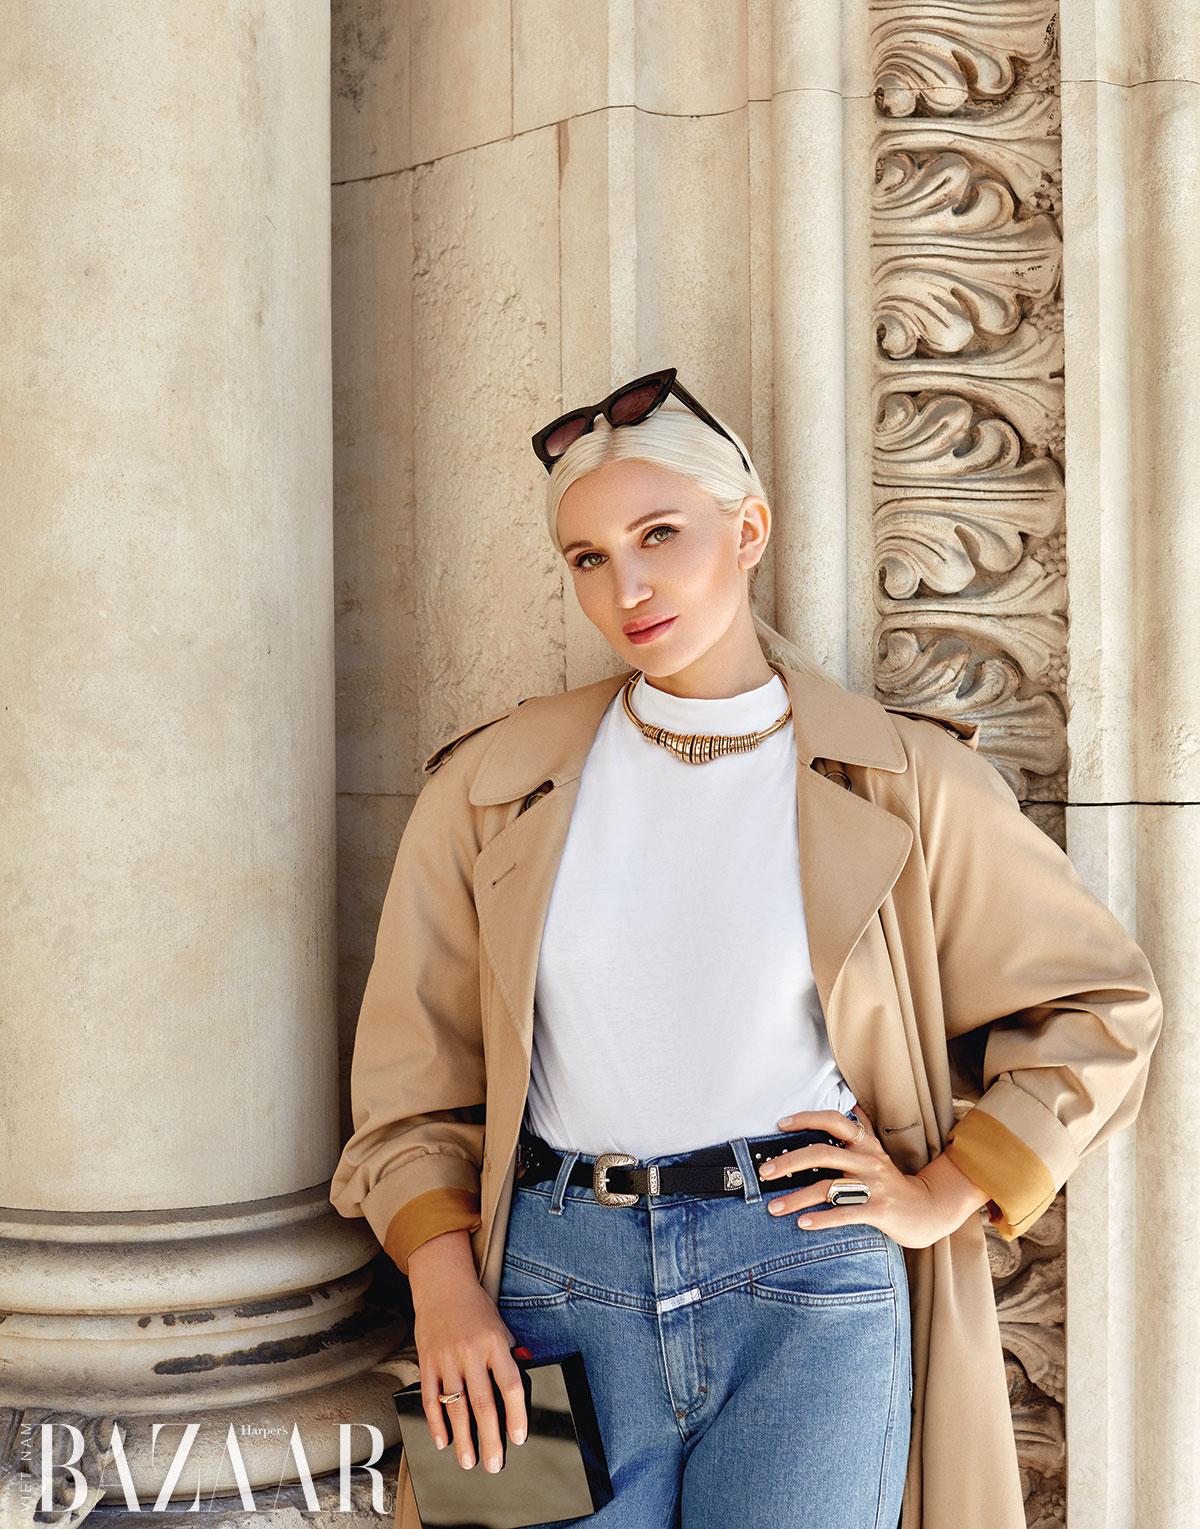 Julia Rosa: Muốn làm người mẫu nổi tiếng, không thể ôm cây đợi thỏ